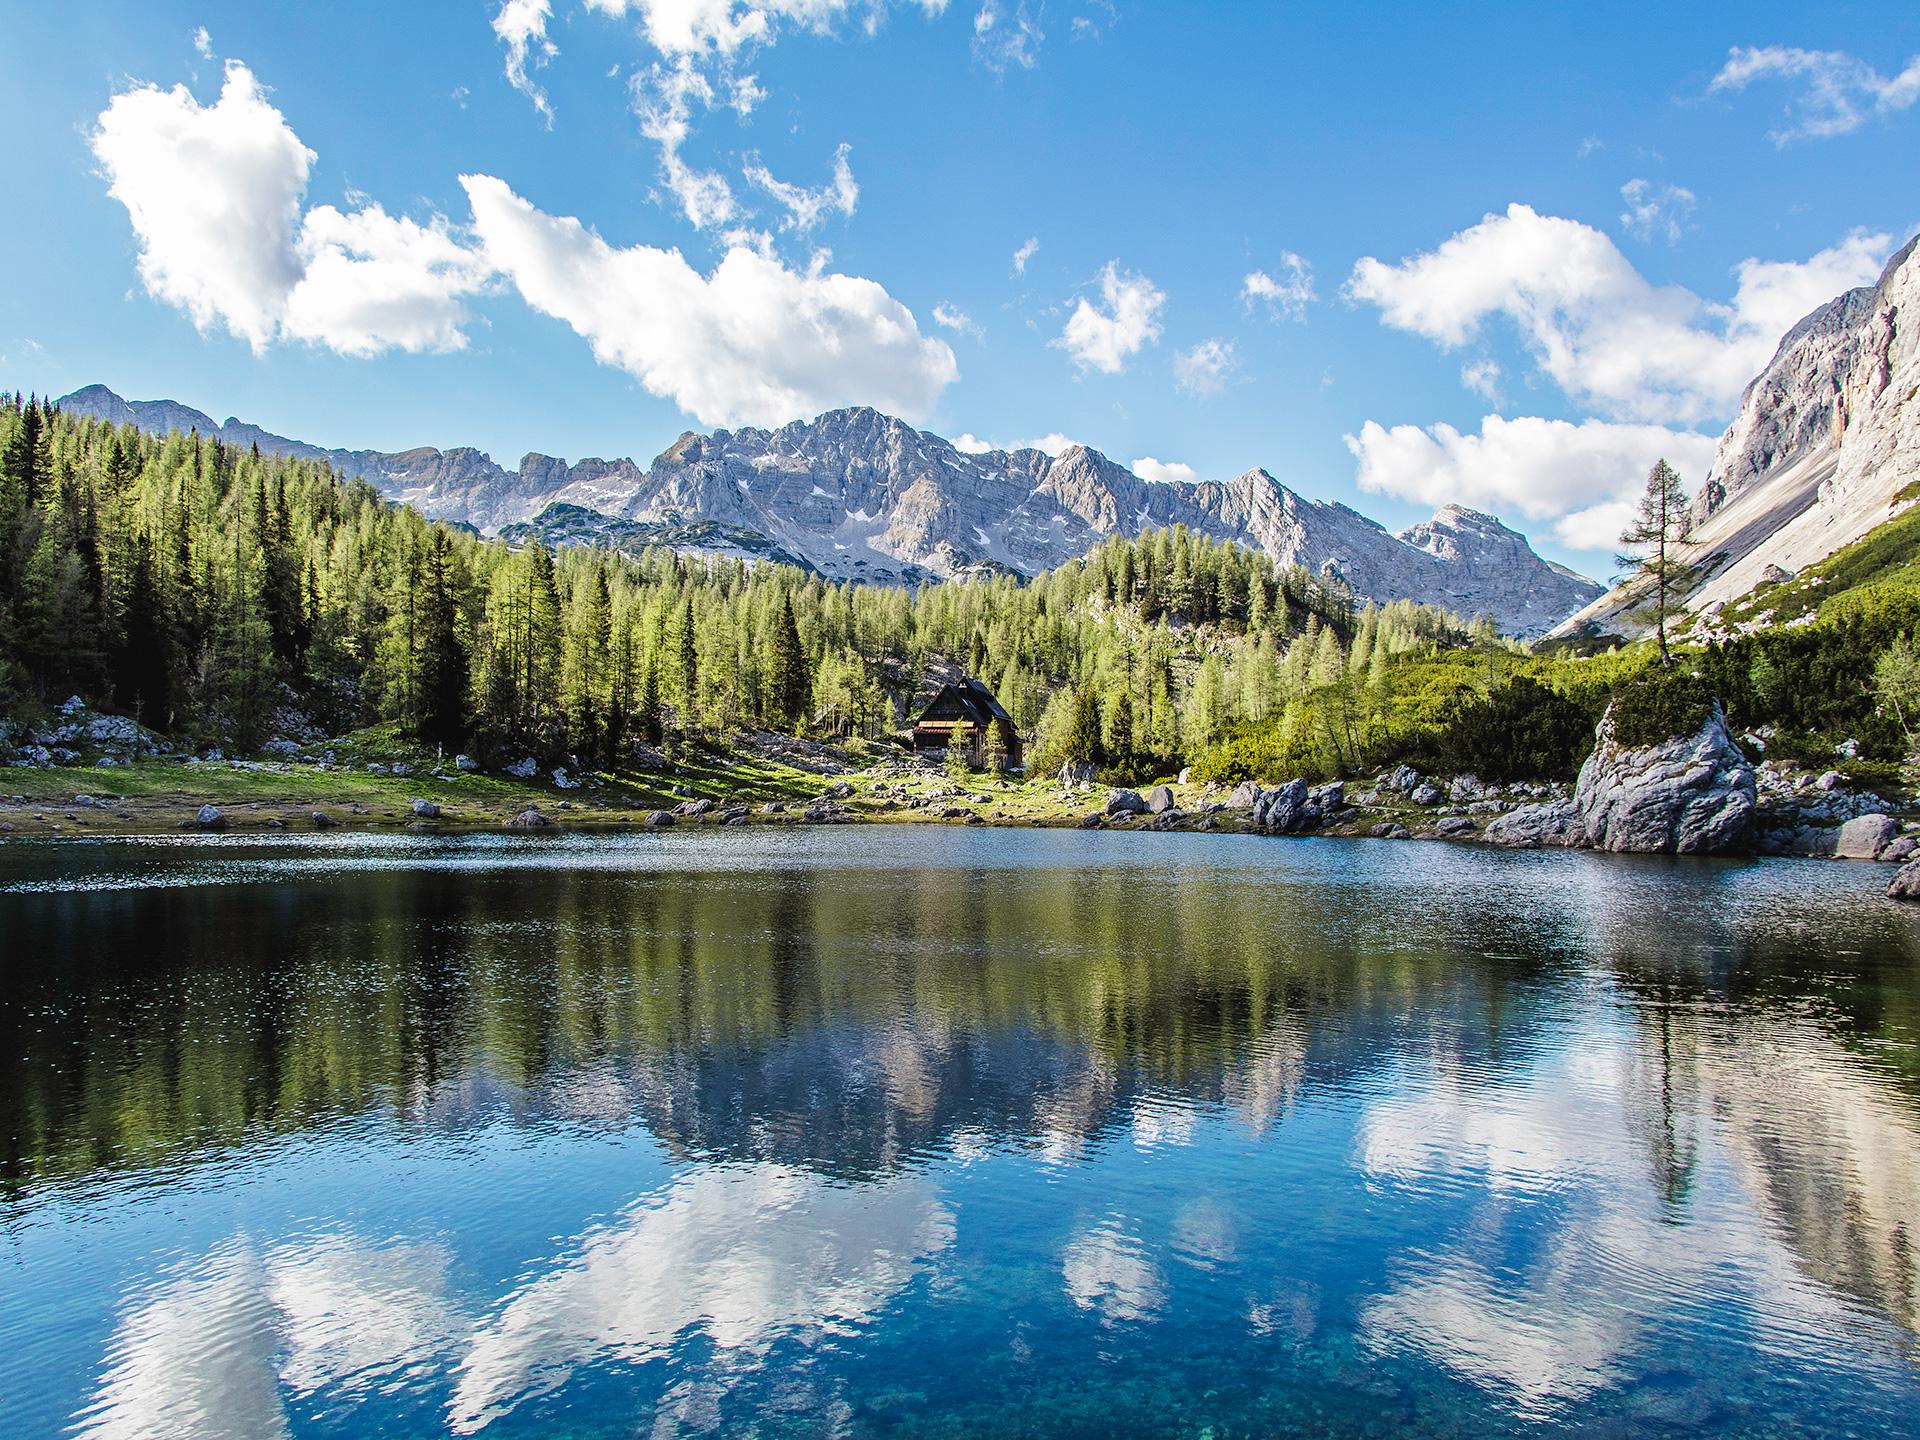 Reflection on water Walking on water at Koča Pri Triglavskih Jezerih/ Dvojno Jezero